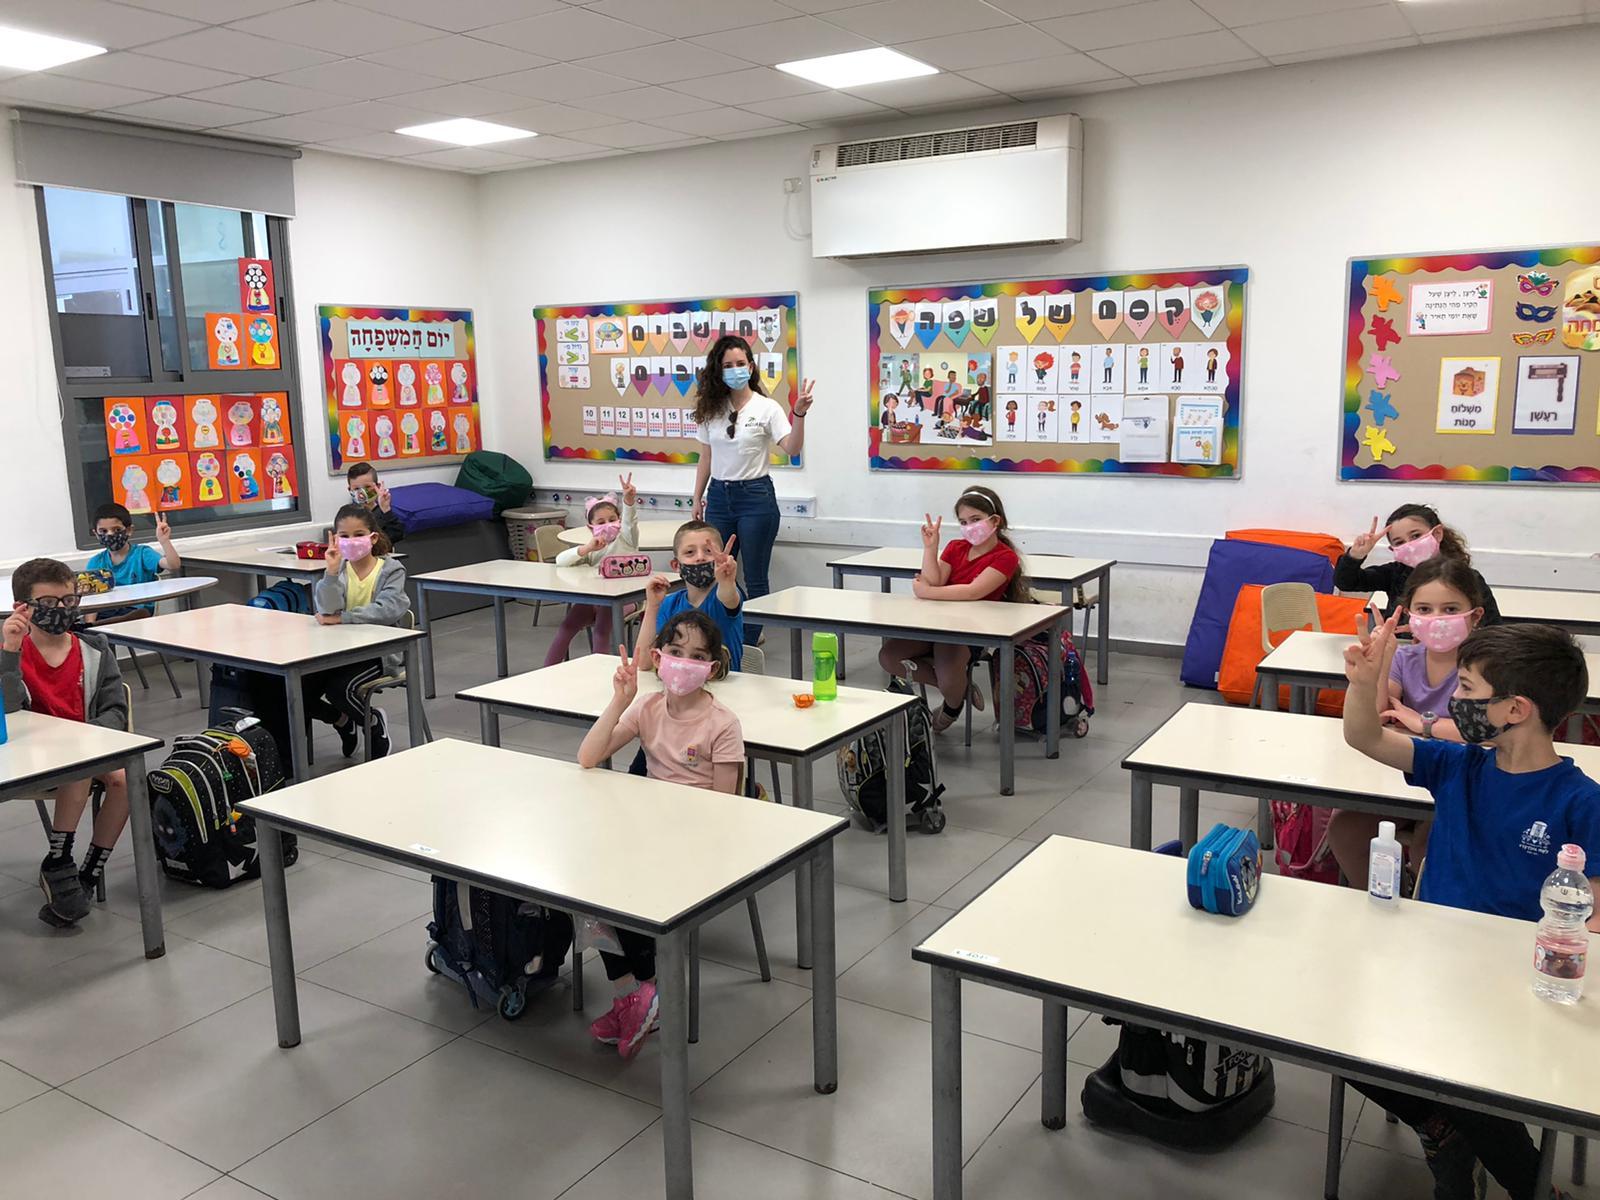 כפר סבא: הבוקר חזרה כמעט כל מערכת החינוך ללימודים, הצהרונים מחר, ד'-י' בשלישי